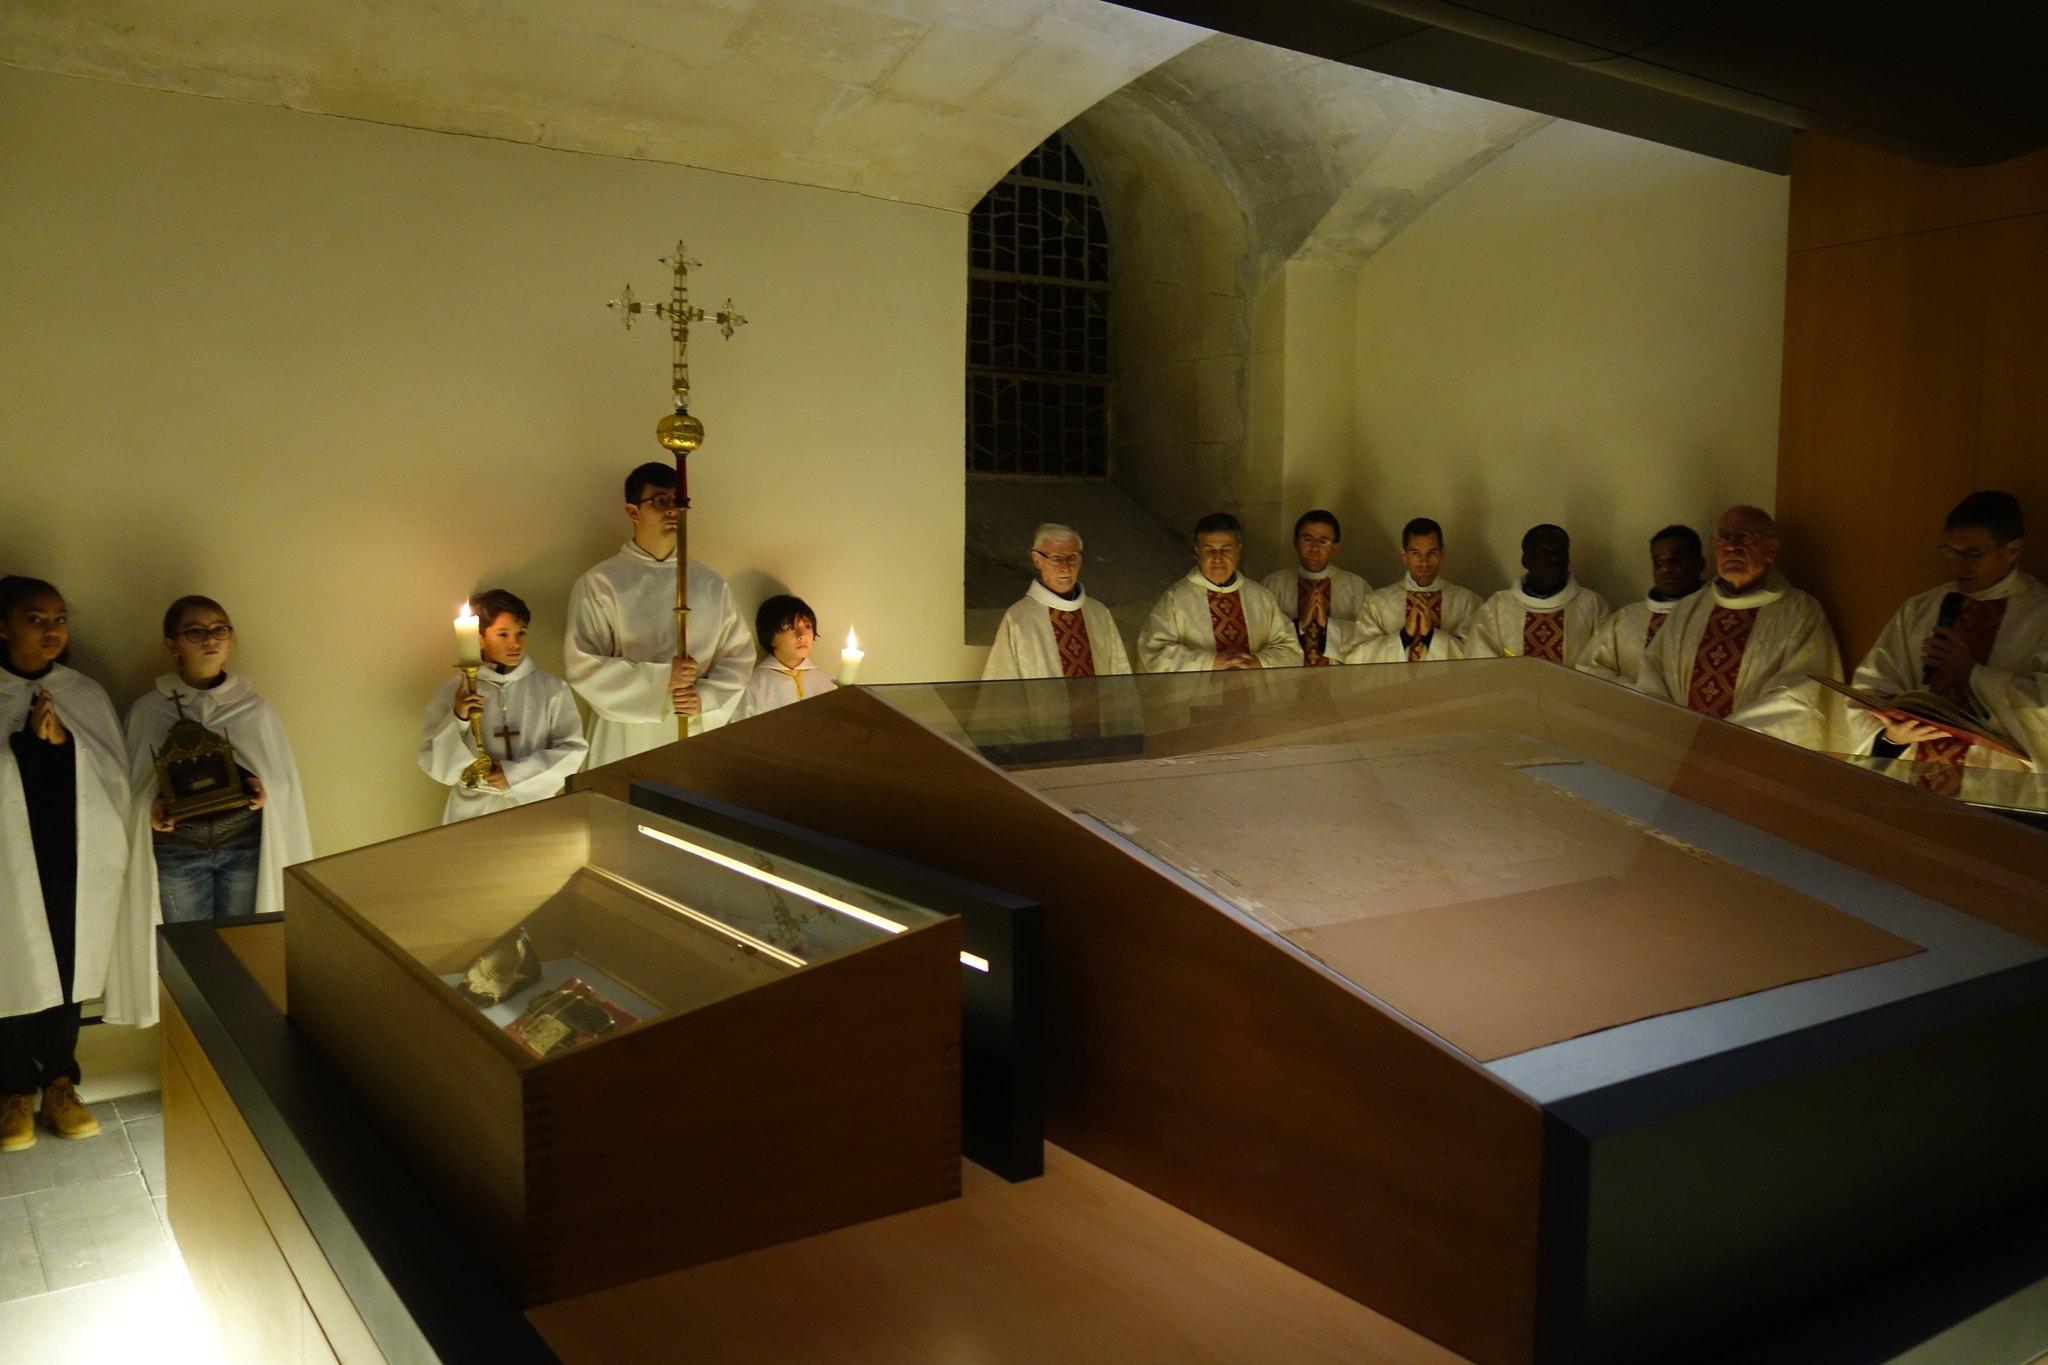 St Césaire